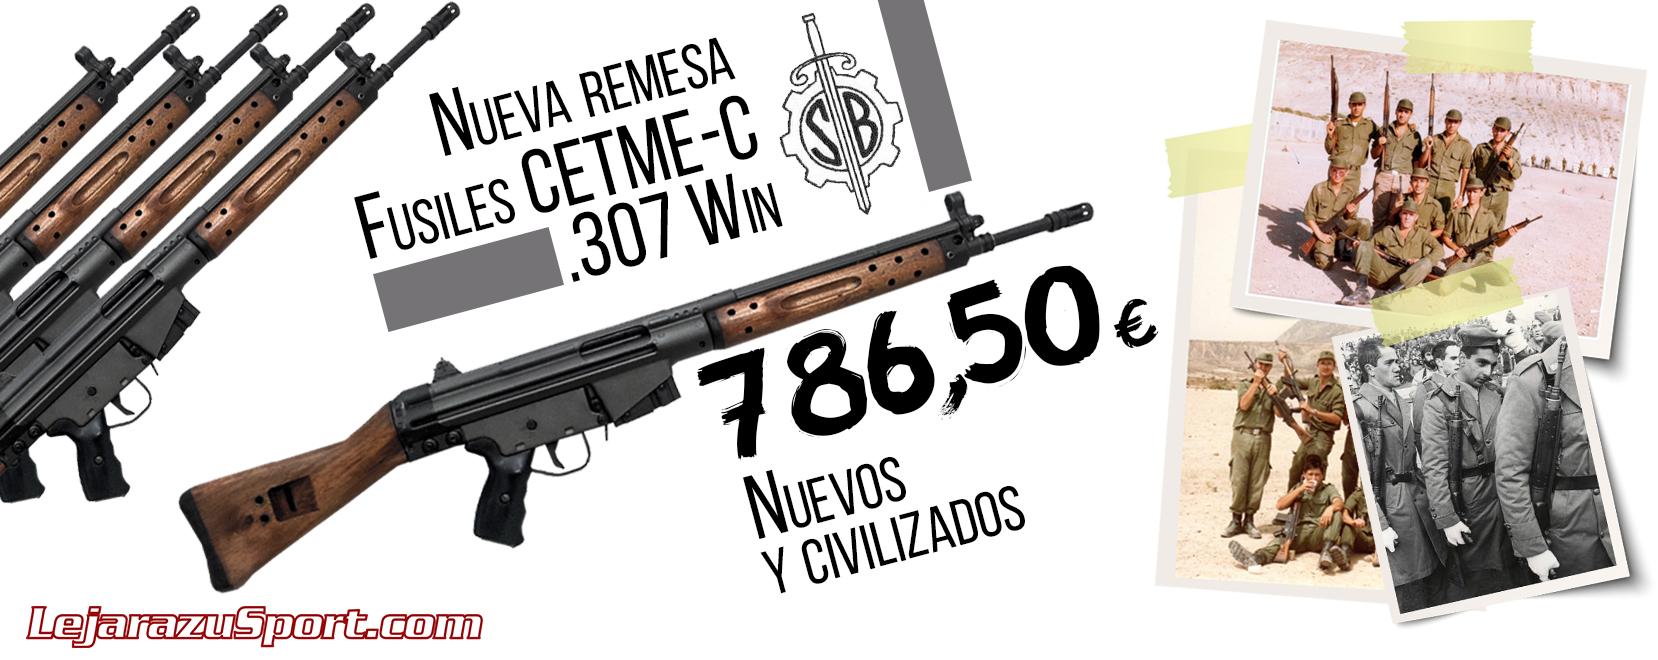 CETME C .307 Win en LejarazuSport.com